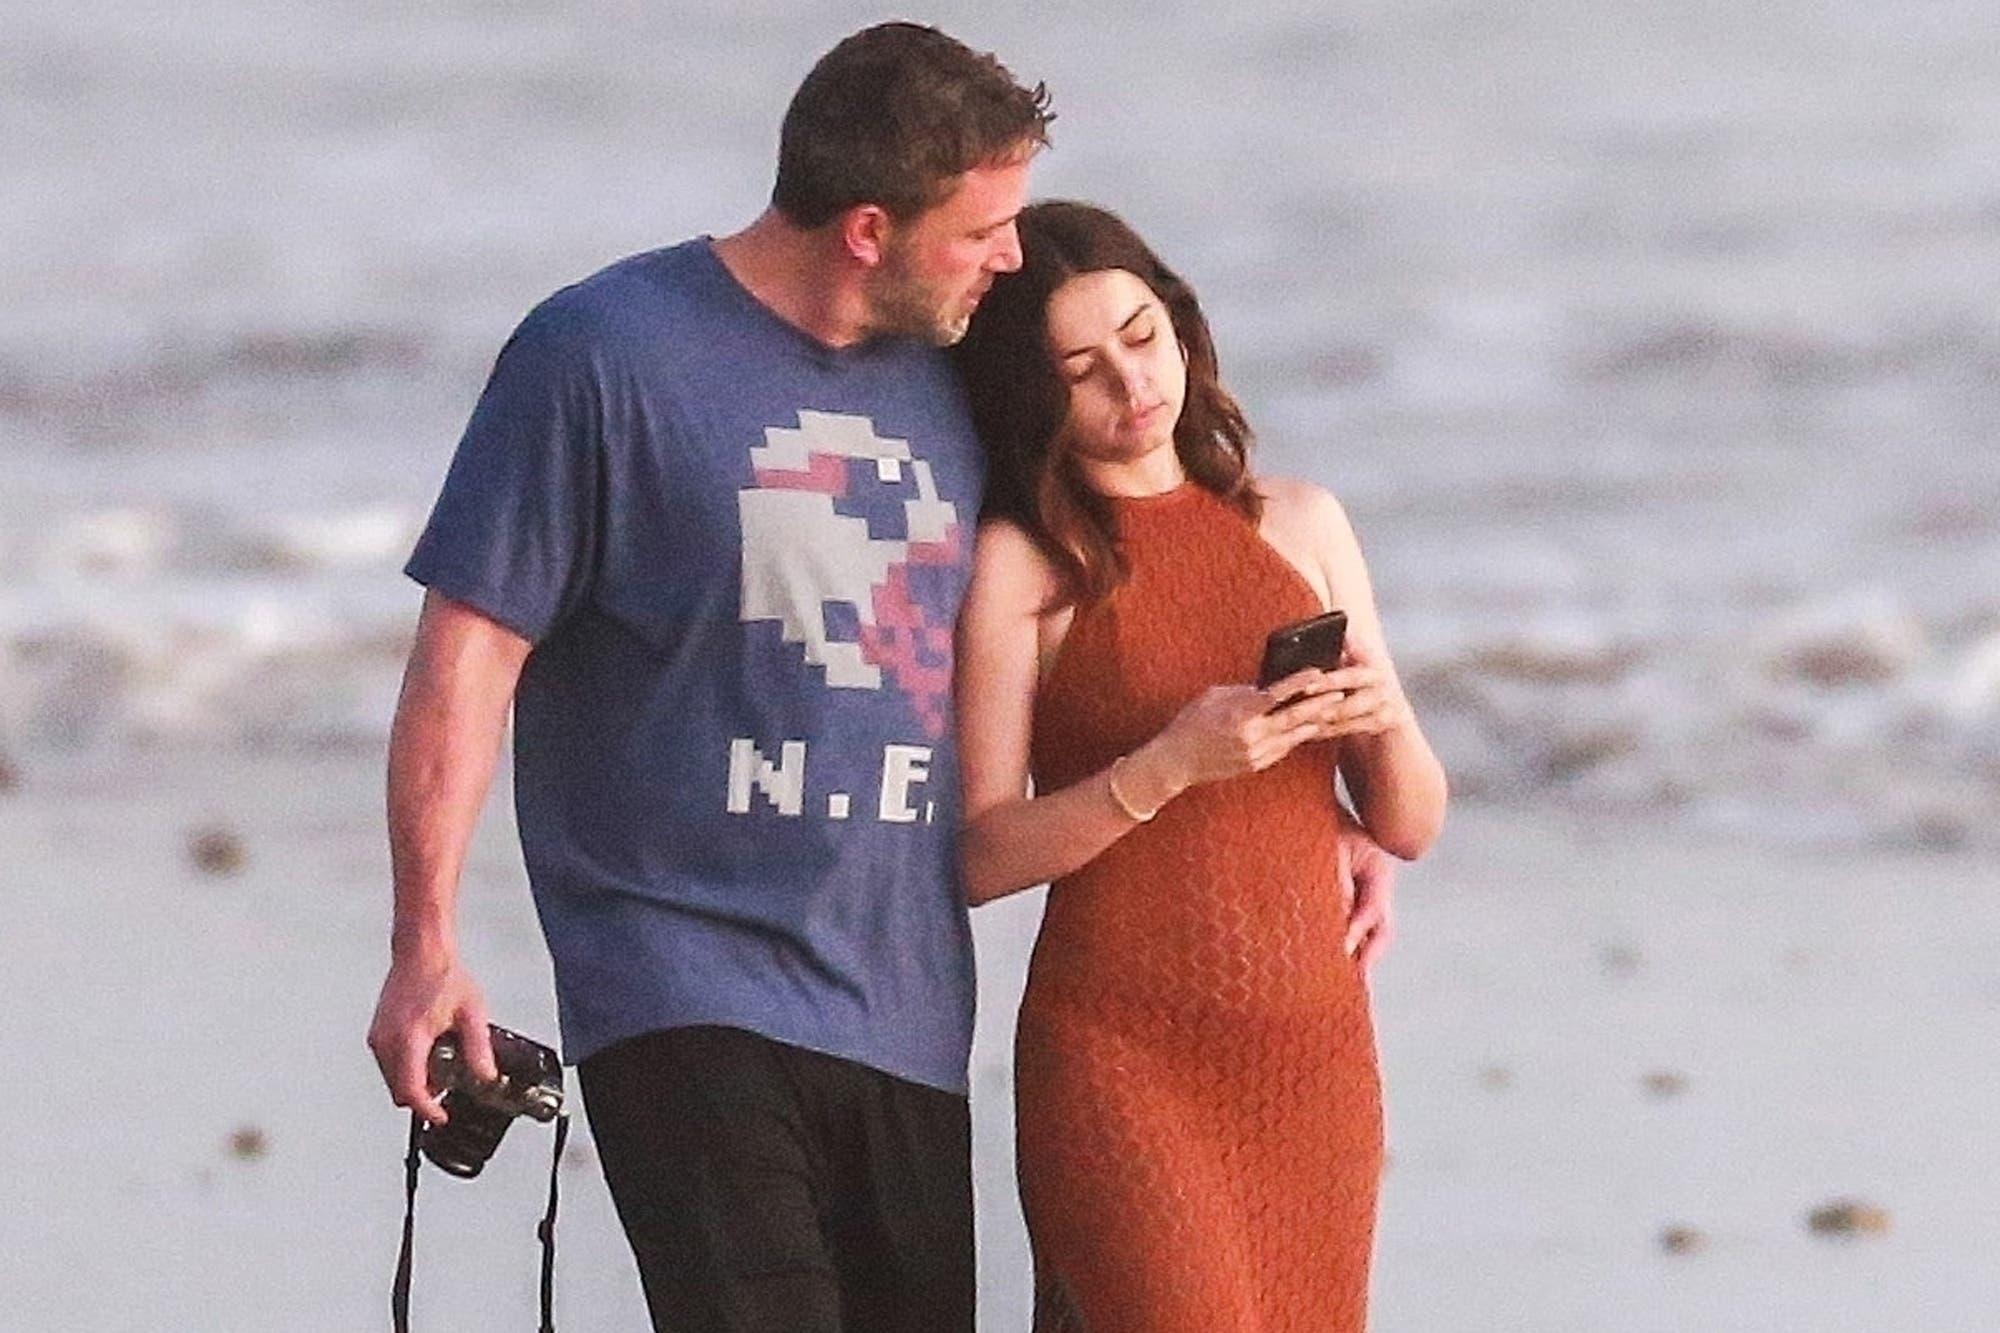 Las fotos que confirman el romance de Ben Affleck y Ana de Armas